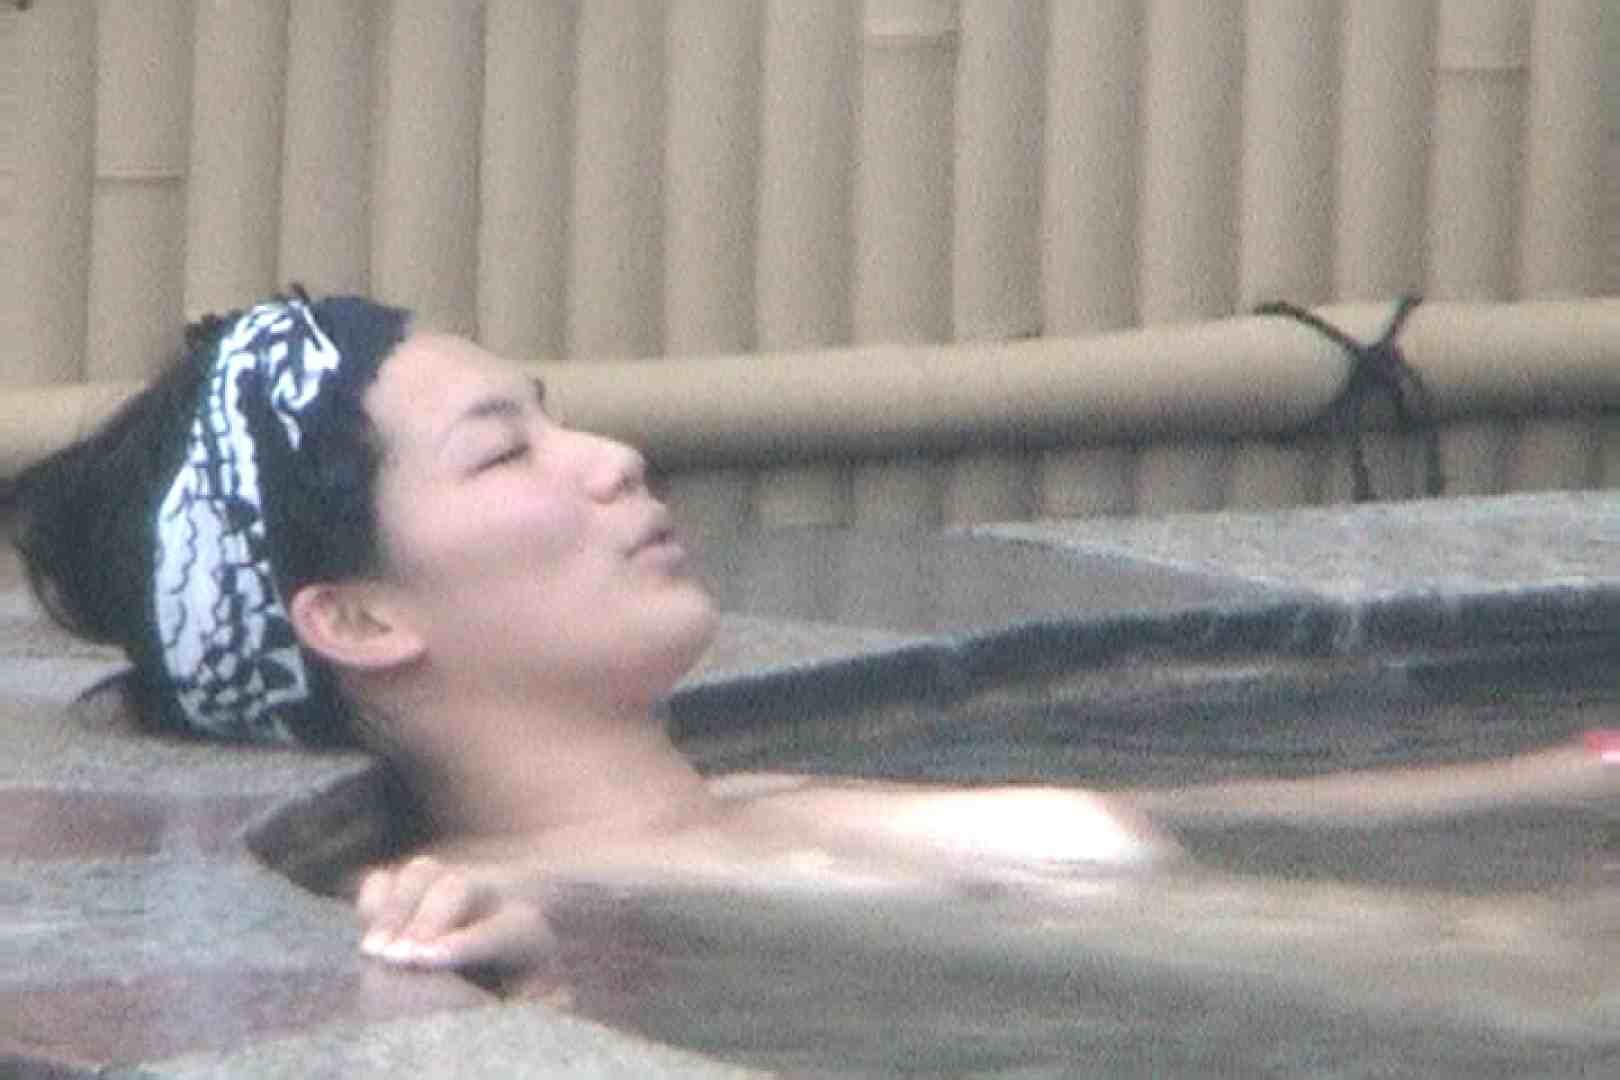 Aquaな露天風呂Vol.103 盗撮シリーズ  94PIX 58